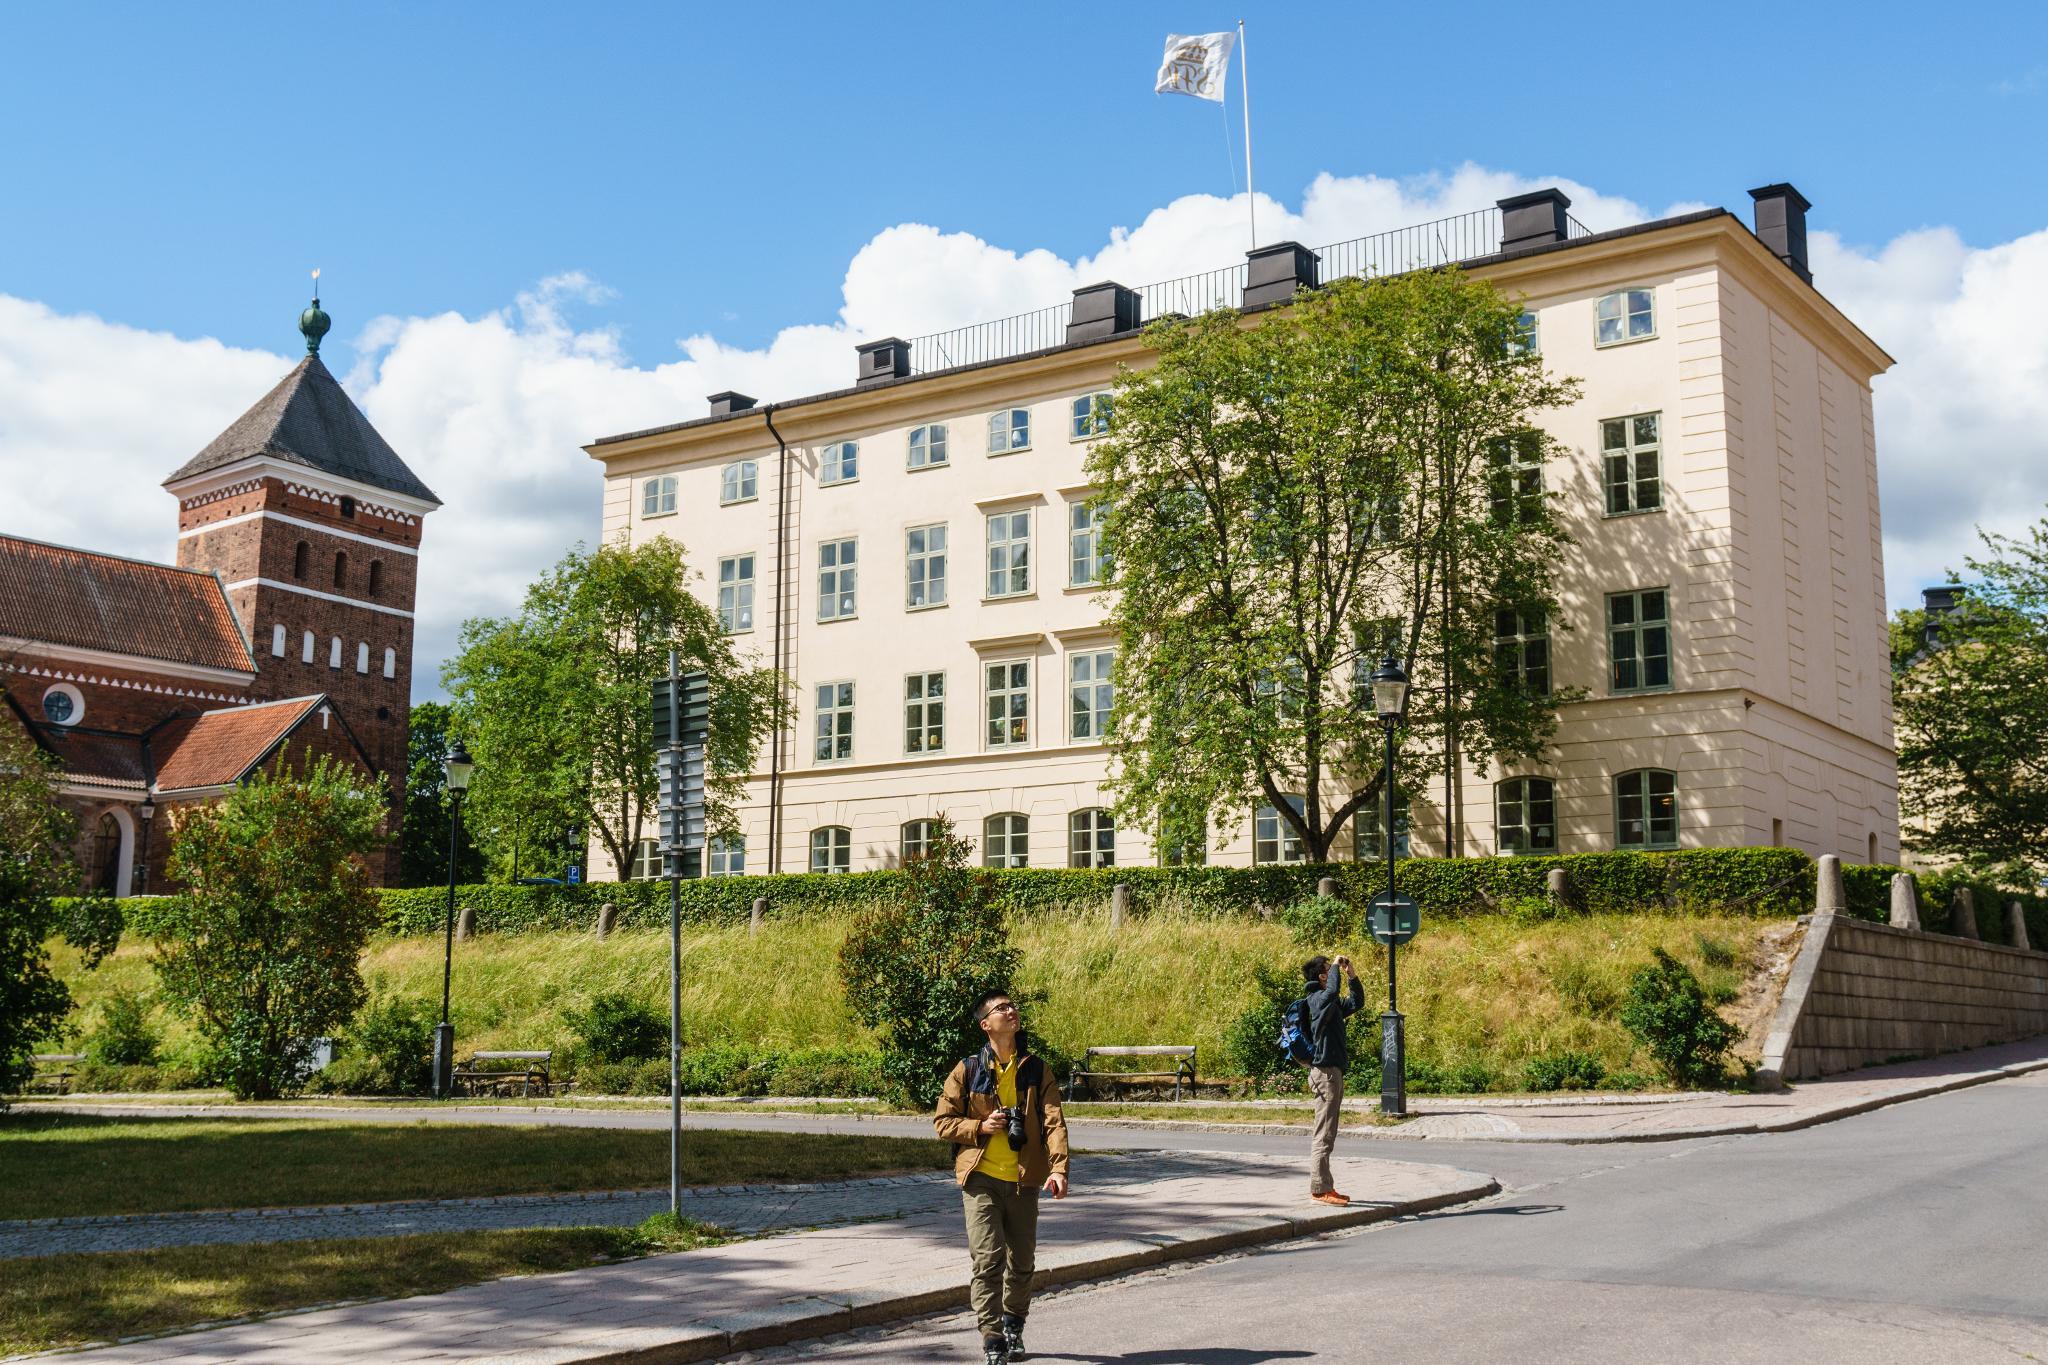 【北歐景點】瑞典的歷史縮影 — 老城烏普薩拉(Uppsala)的人文風景 27